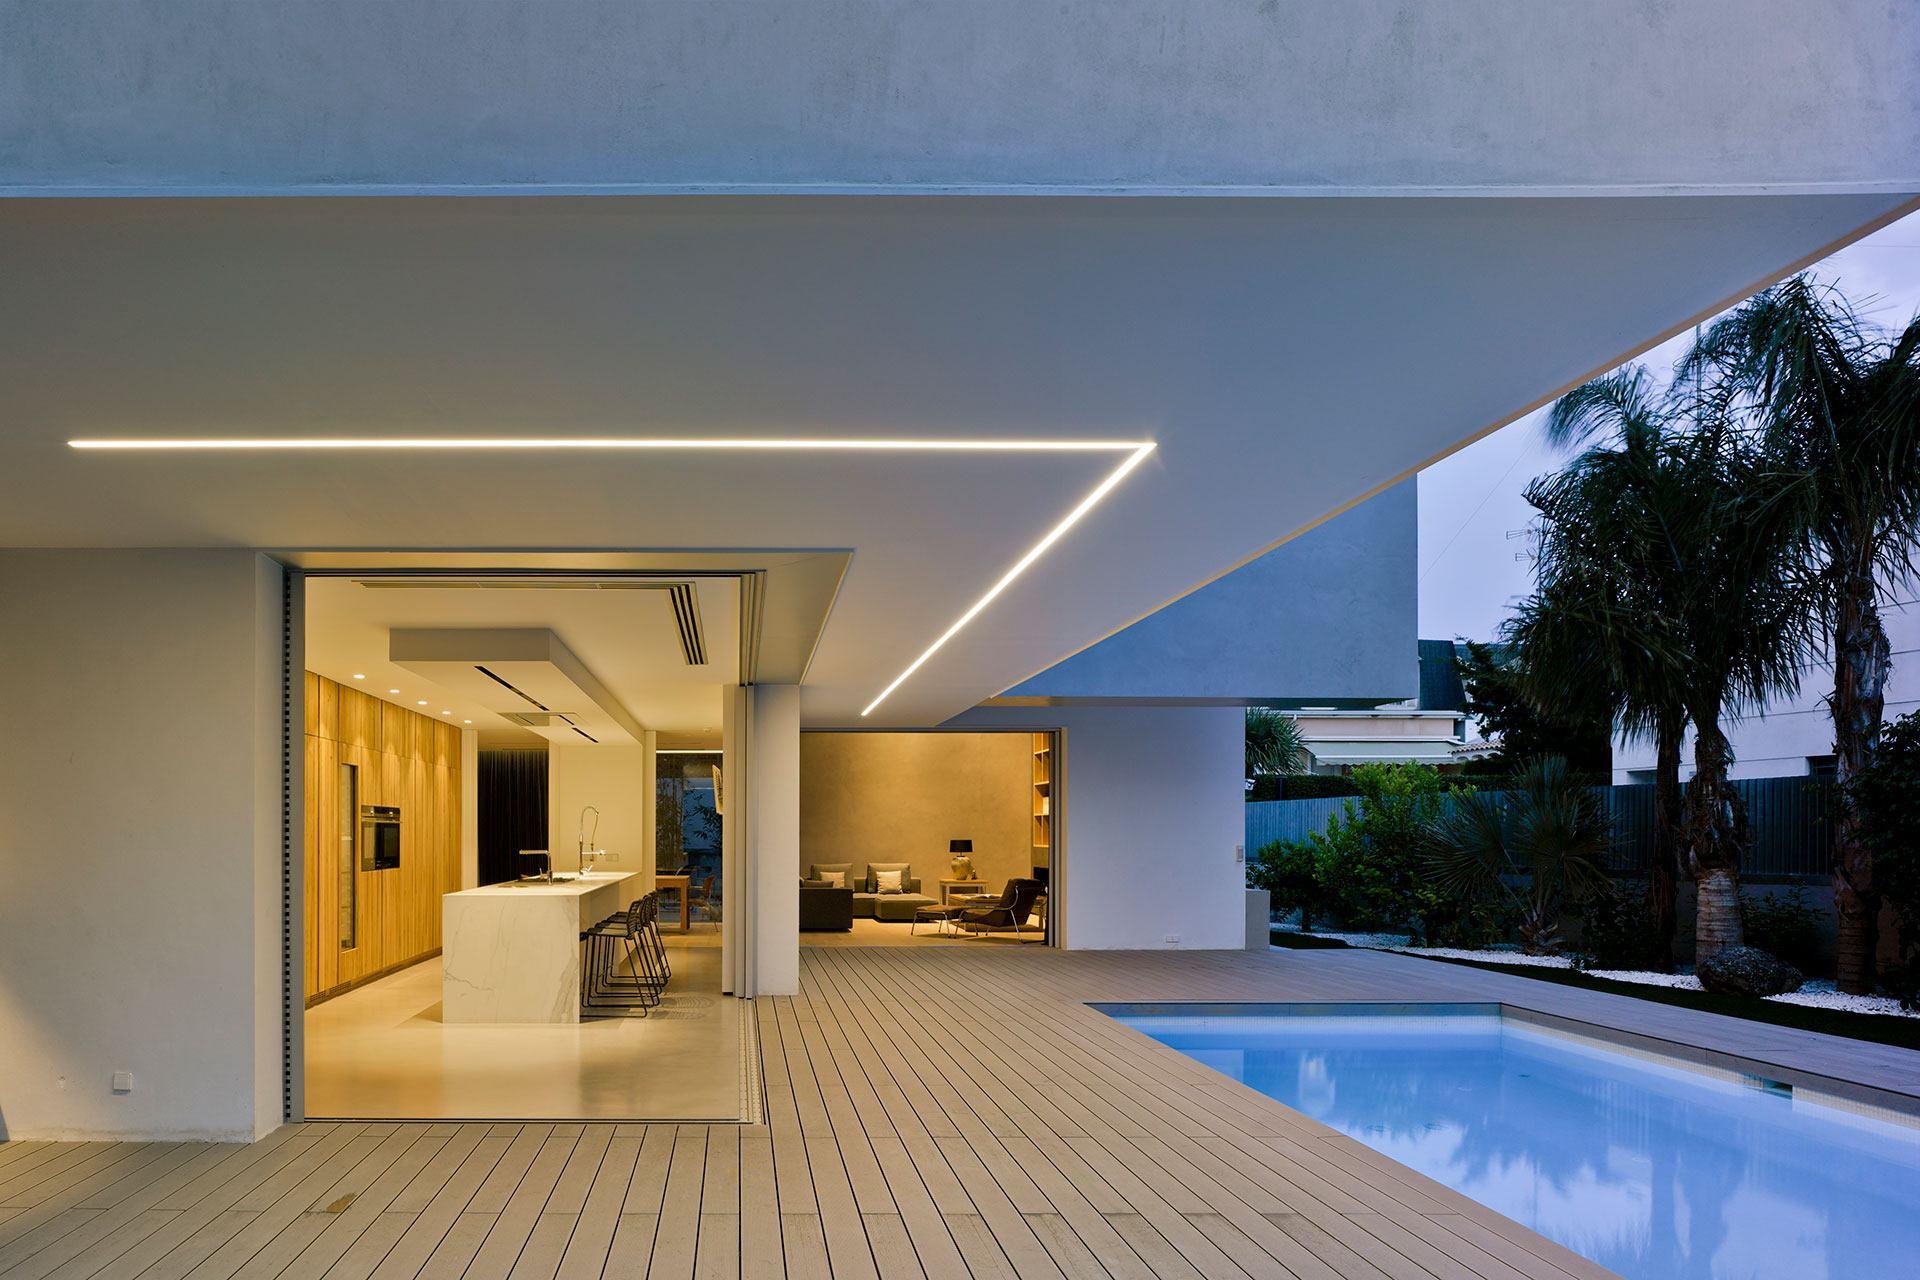 Proyecto arquitectónico vivienda unifamiliar en Alicante